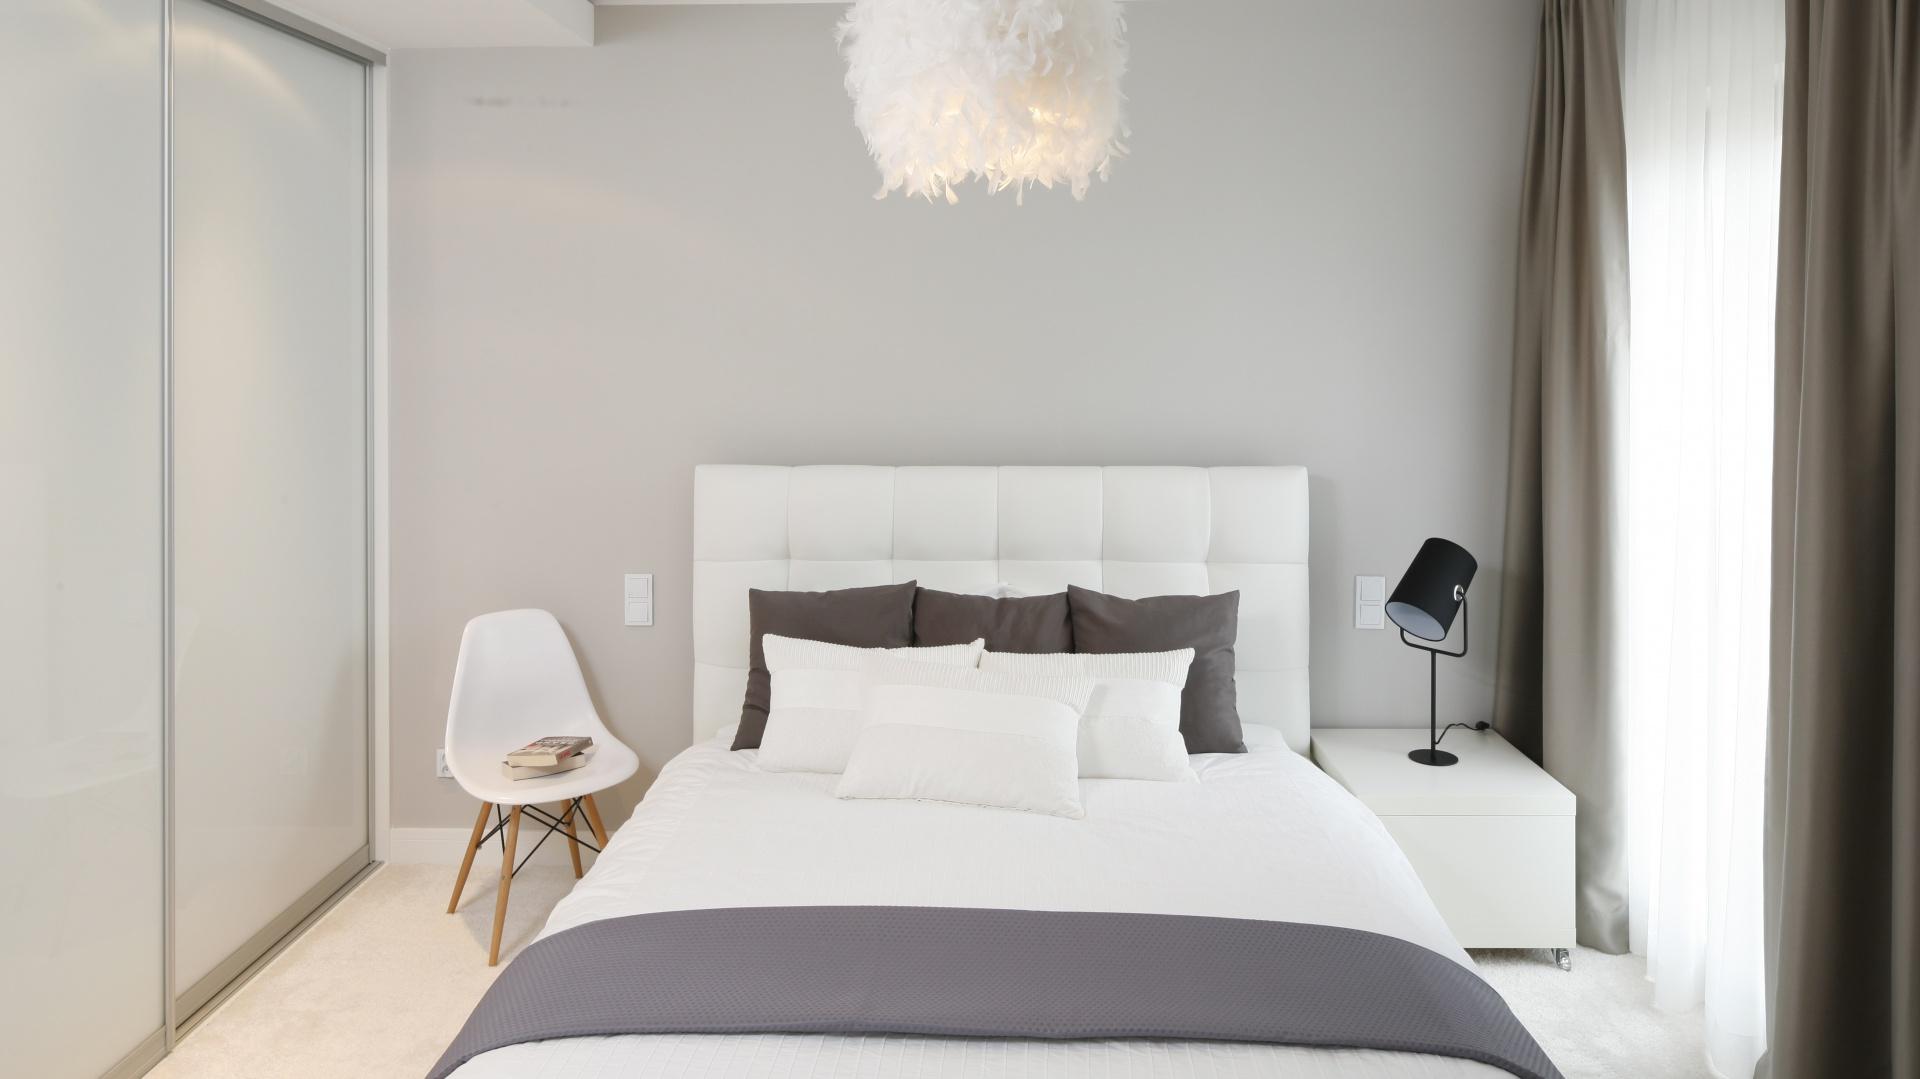 Sypialnia jest przytulna i ciepła. Dzięki jasnym kolorom aranżacja jest również niezwykle lekka. Projekt: Małgorzata Galewska. Fot. Bartosz Jarosz.